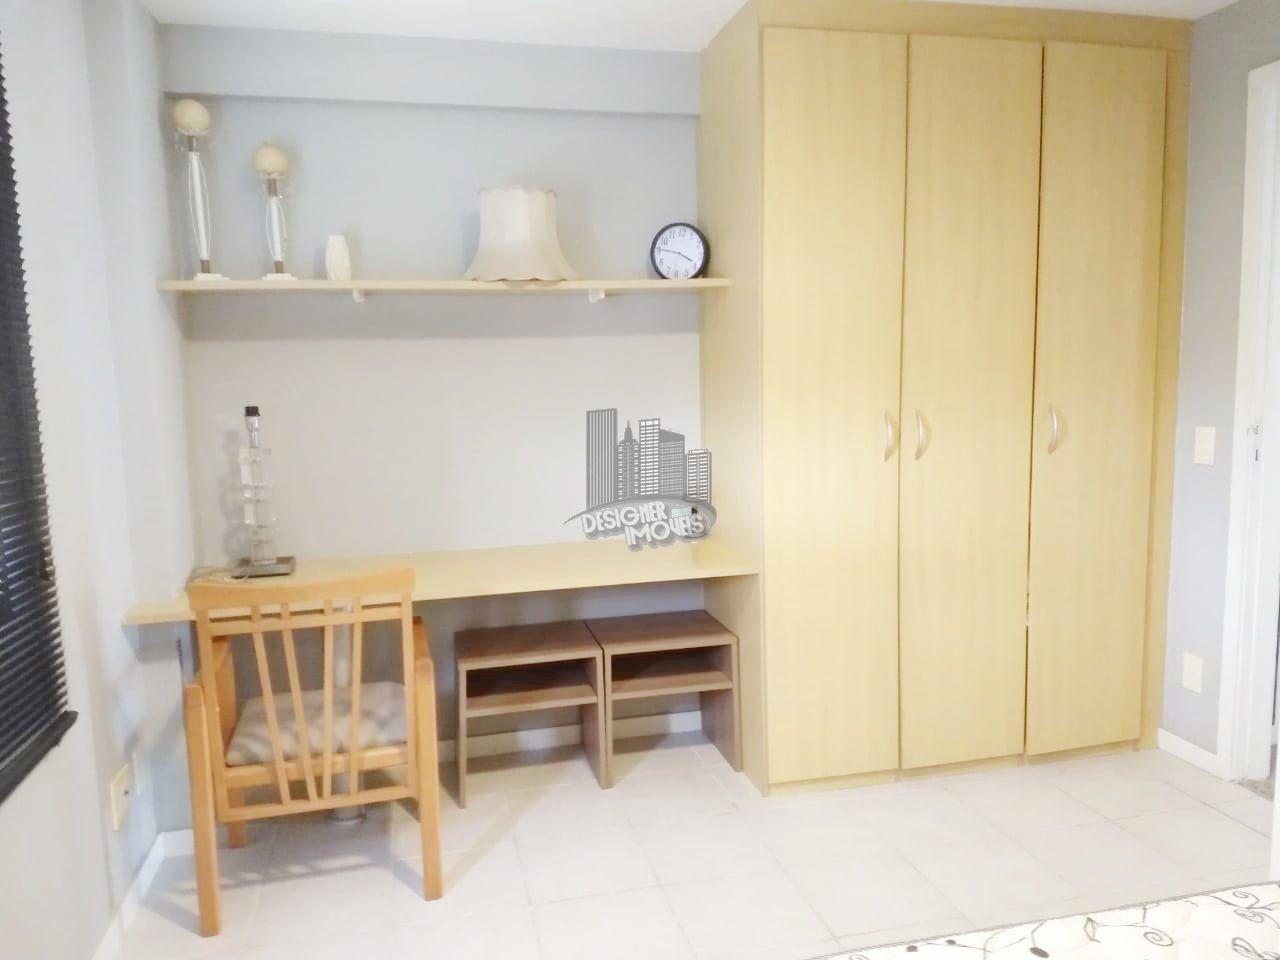 Flat Condomínio Barra Royal Plaza, Avenida Lucio Costa,Rio de Janeiro, Zona Oeste,Barra da Tijuca, RJ Para Alugar, 1 Quarto, 50m² - FLAT0001 - 12